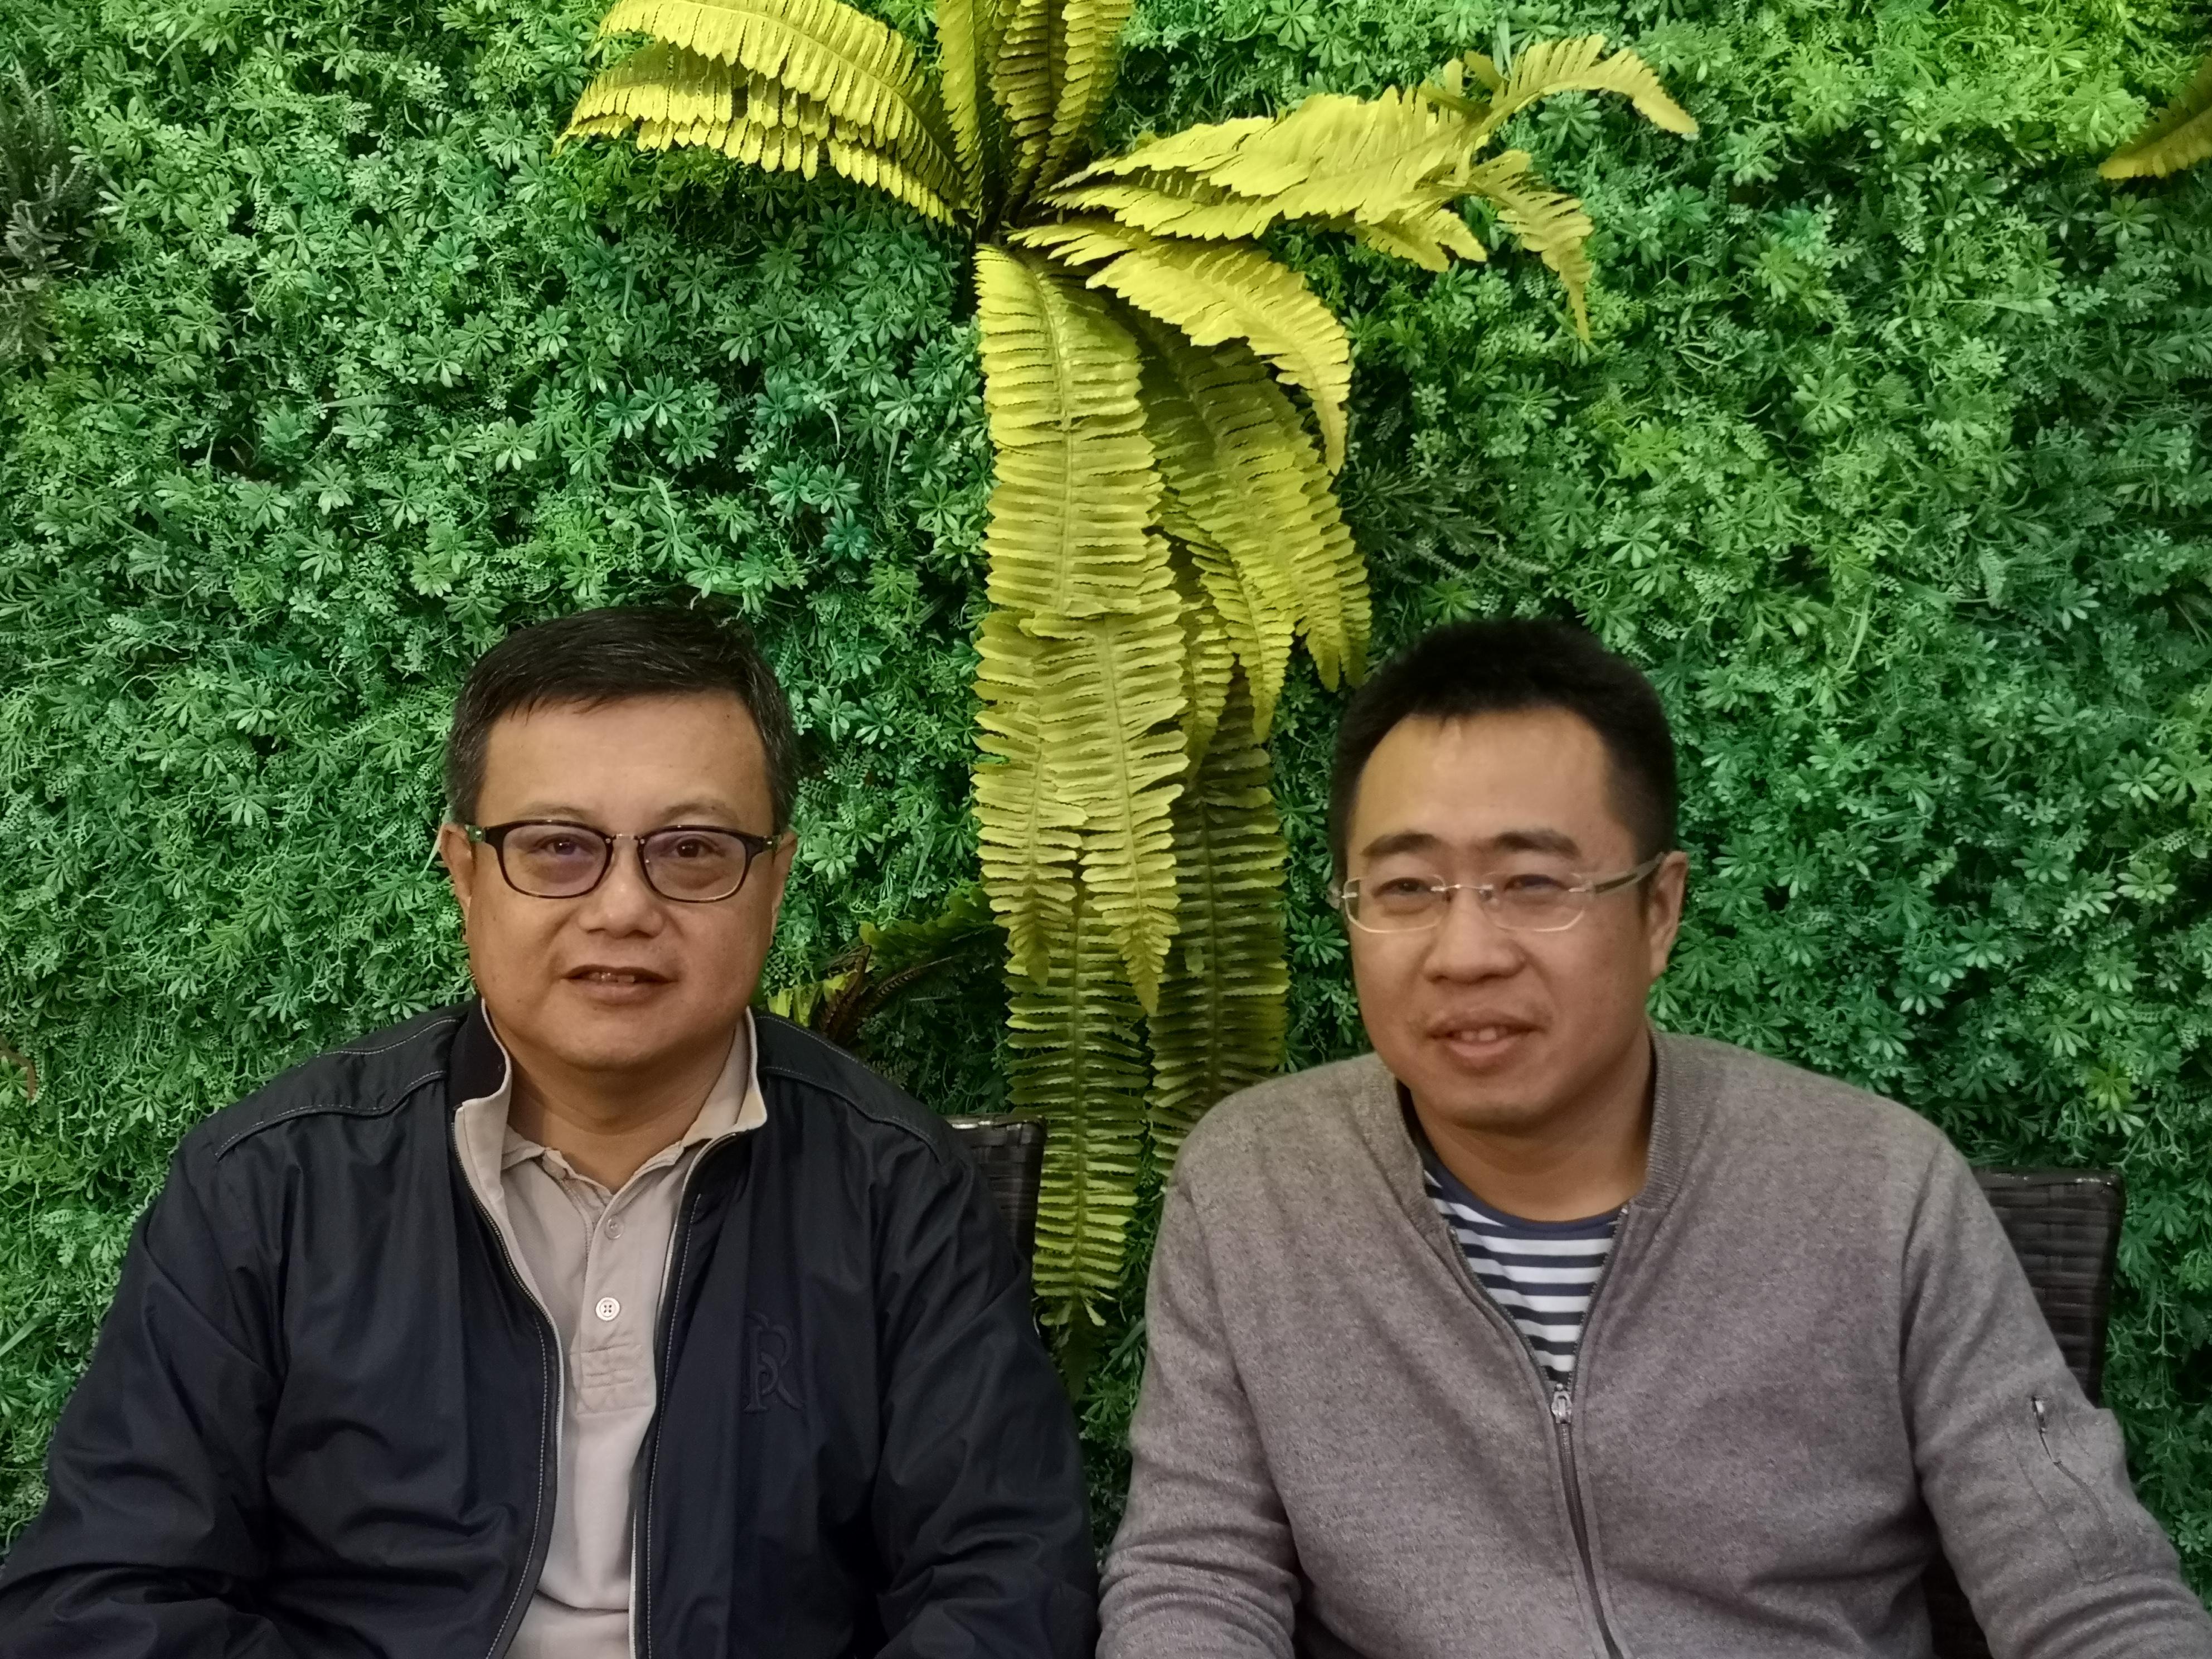 天际汽车CEO张海亮(左)与车云网创始人程李(右)合影